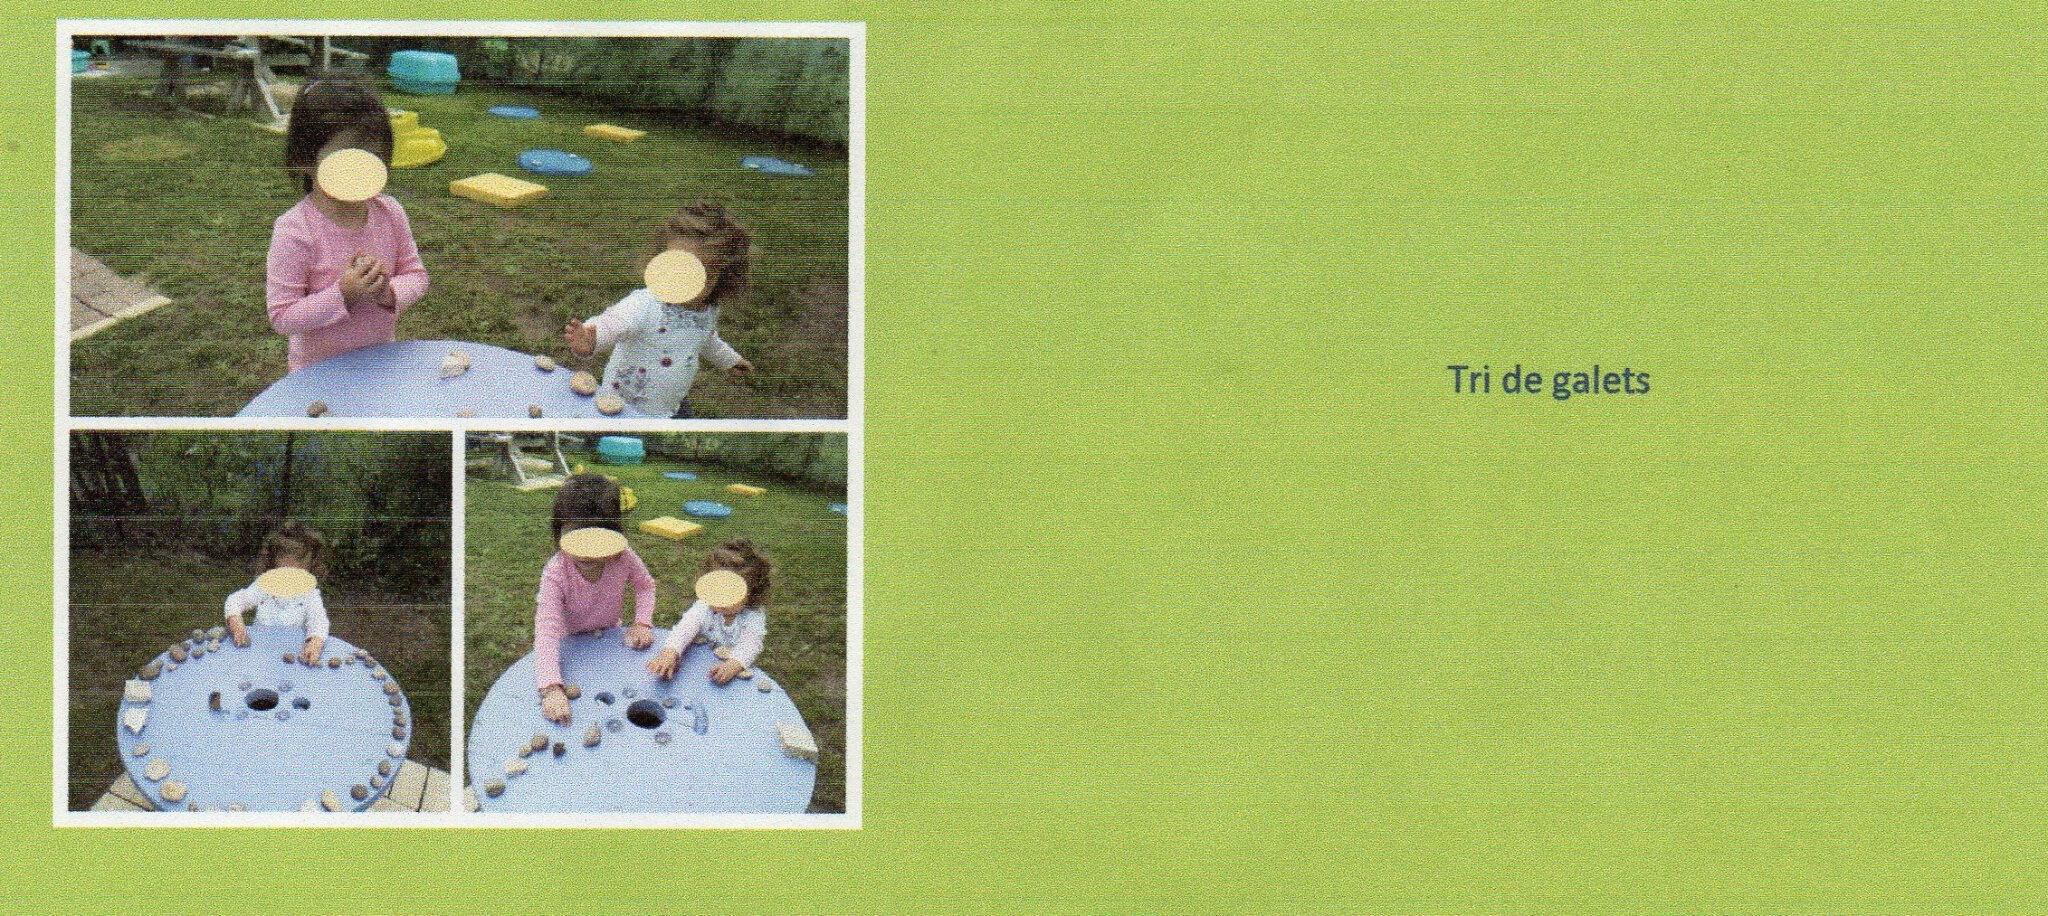 img065 - Copie (3)